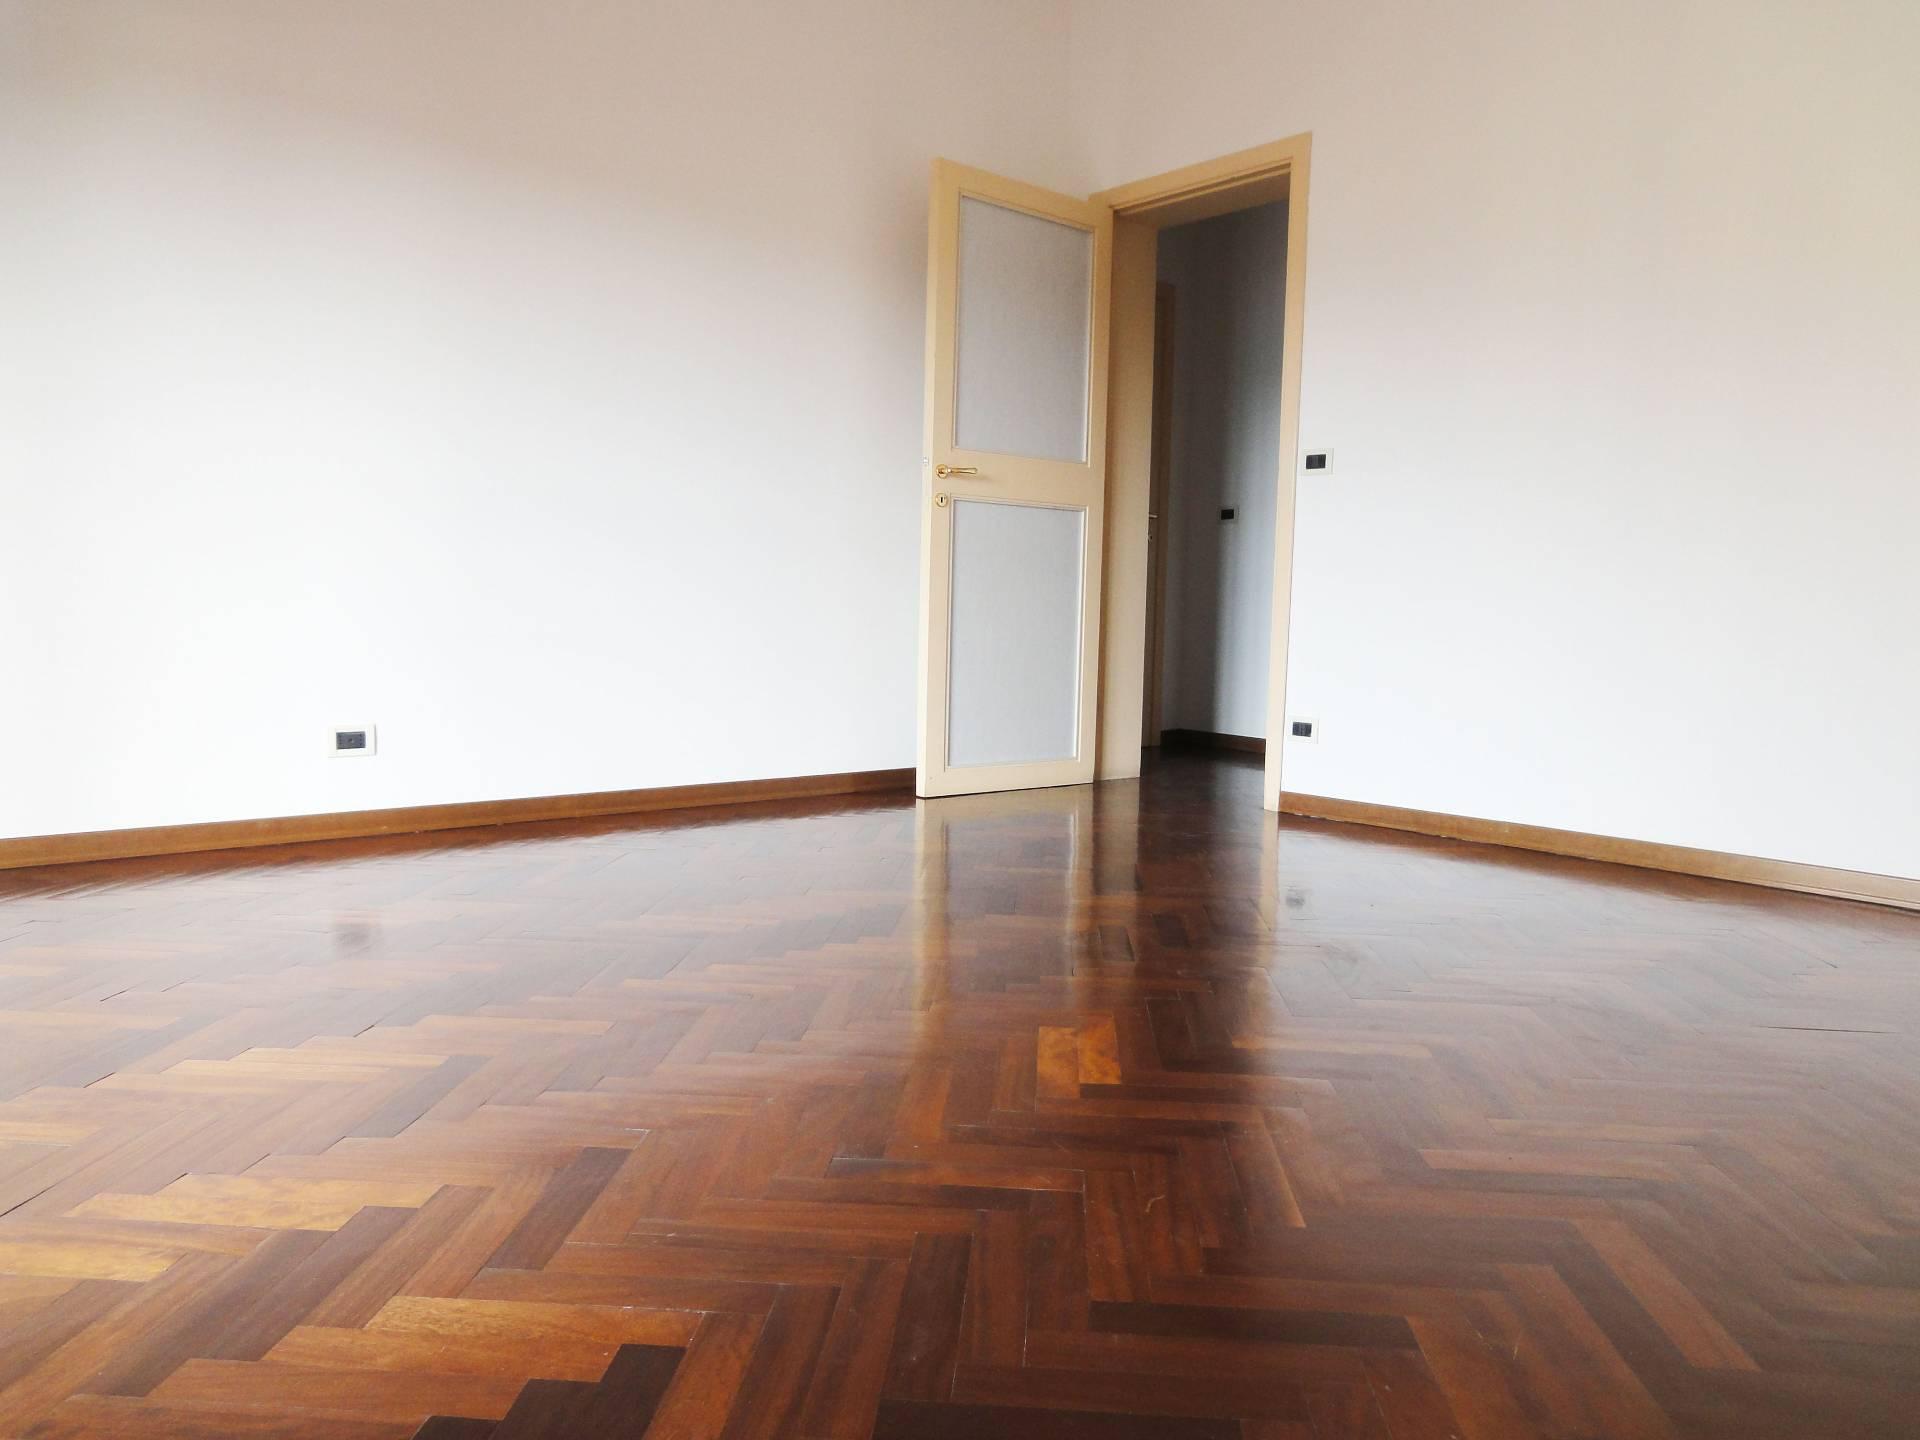 Appartamento in affitto a Pontedera, 4 locali, zona Località: Bellaria/V.leIVNovembre, prezzo € 570   CambioCasa.it